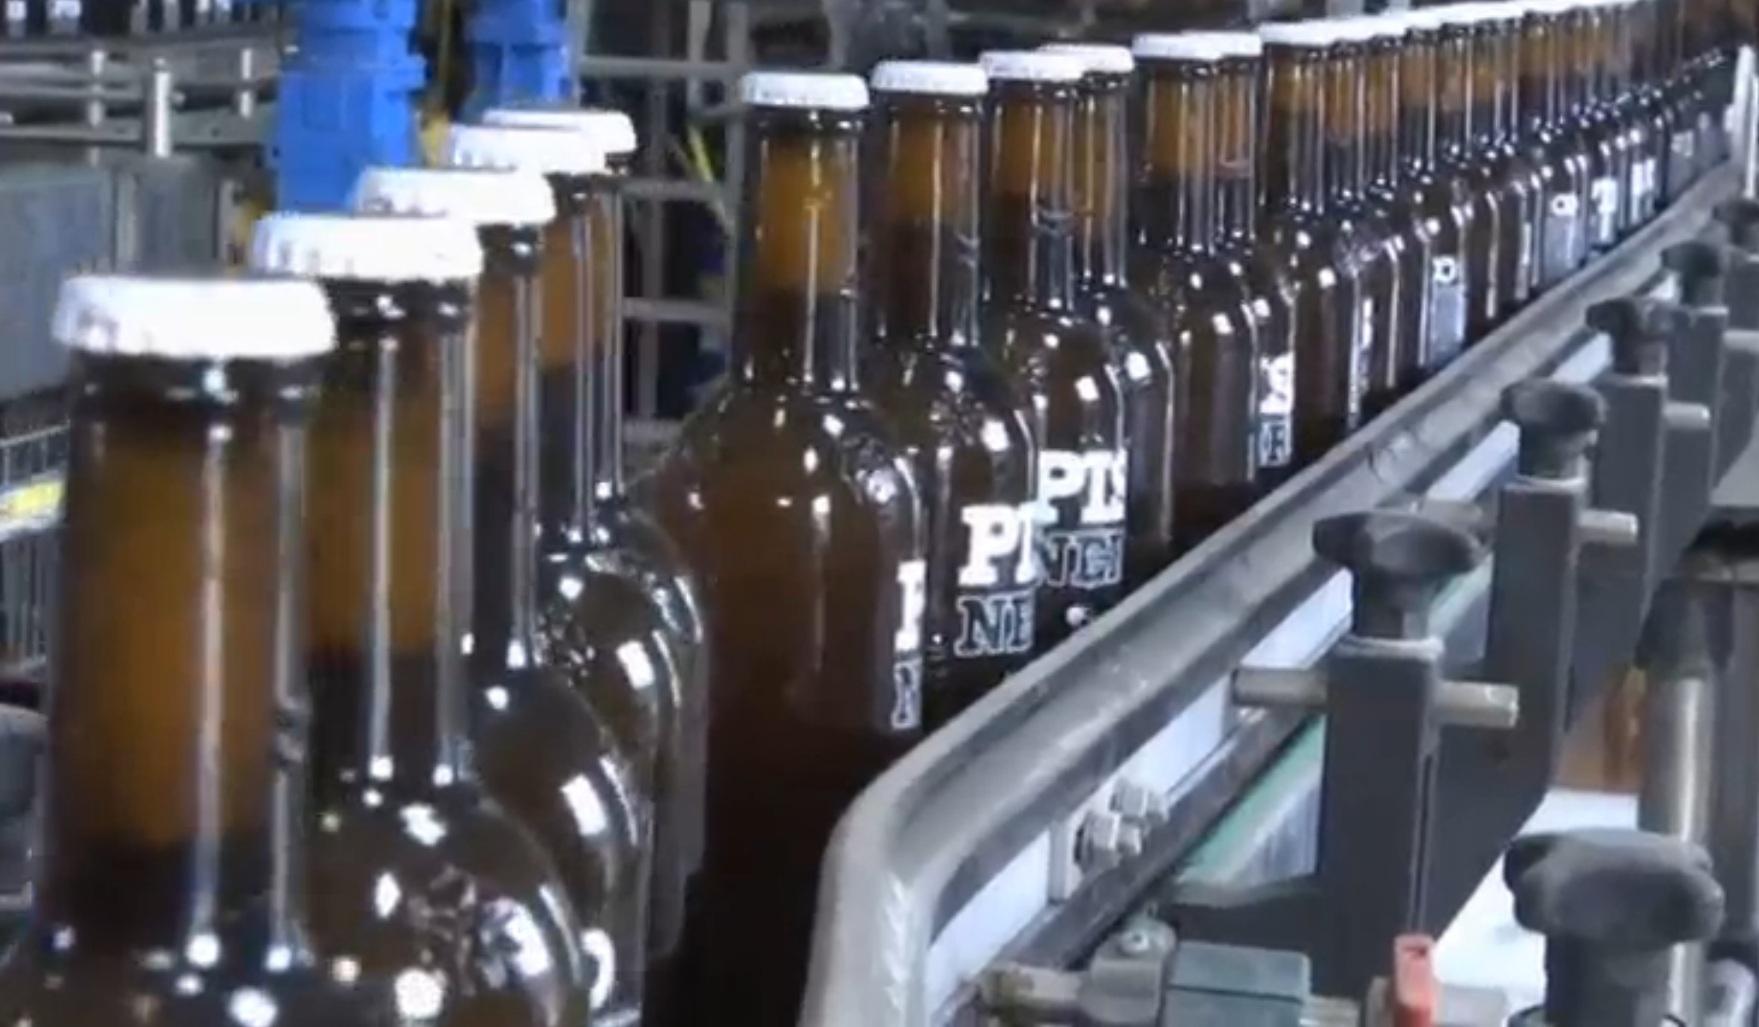 Đi xin 50.000 lít nước tiểu đưa vào dây chuyền làm bia - 2